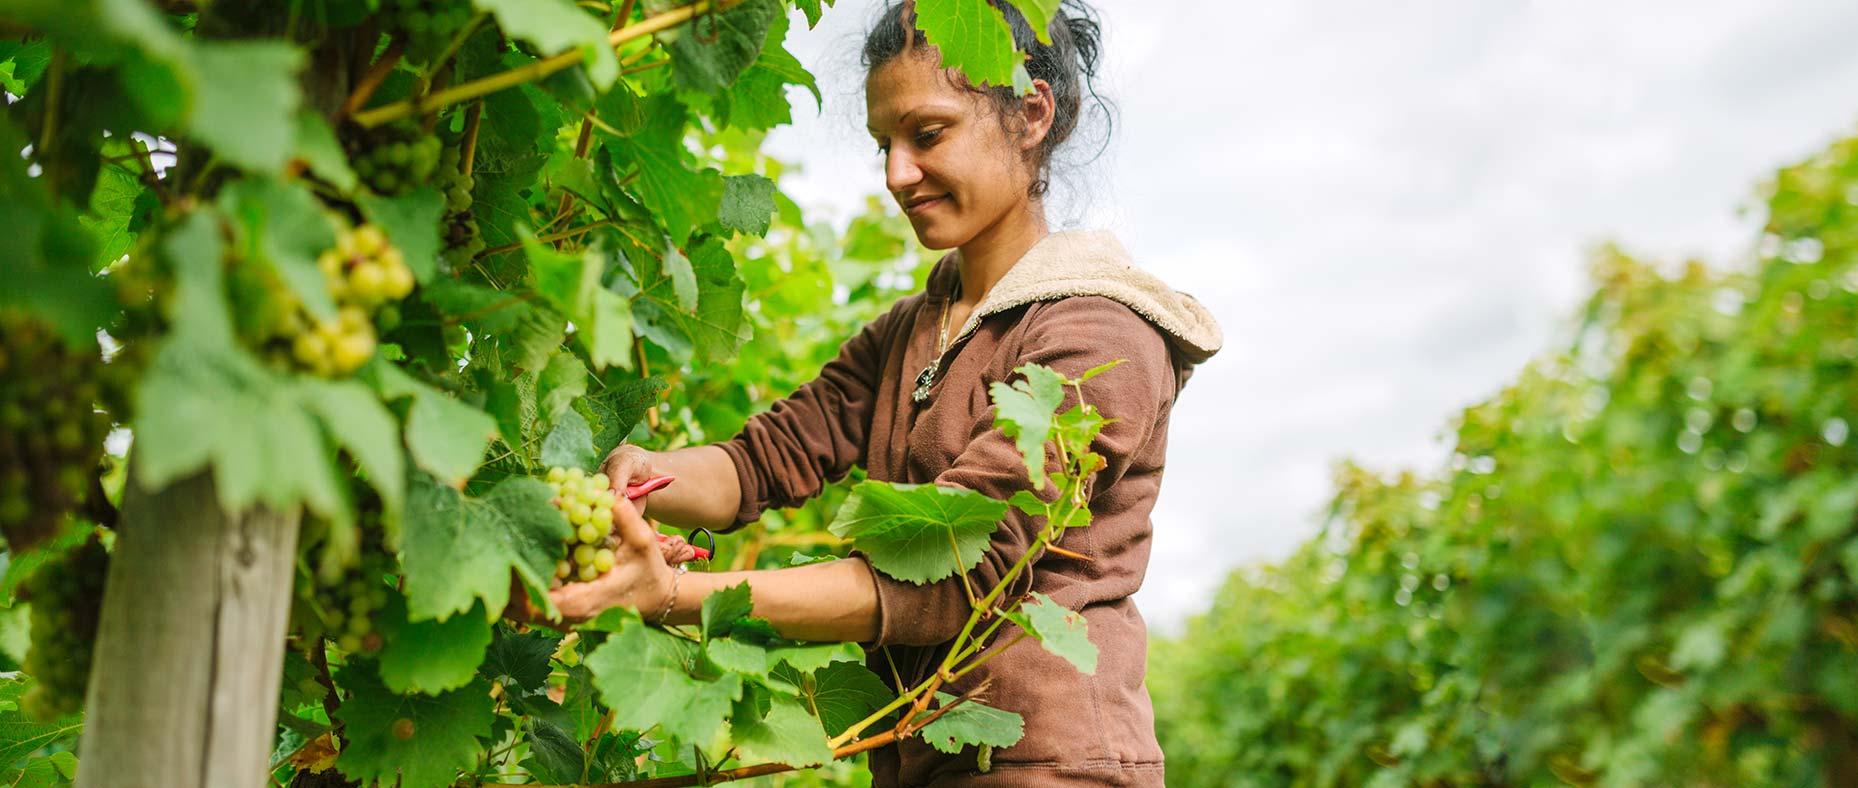 Washington Wine Industry Foundation Slide